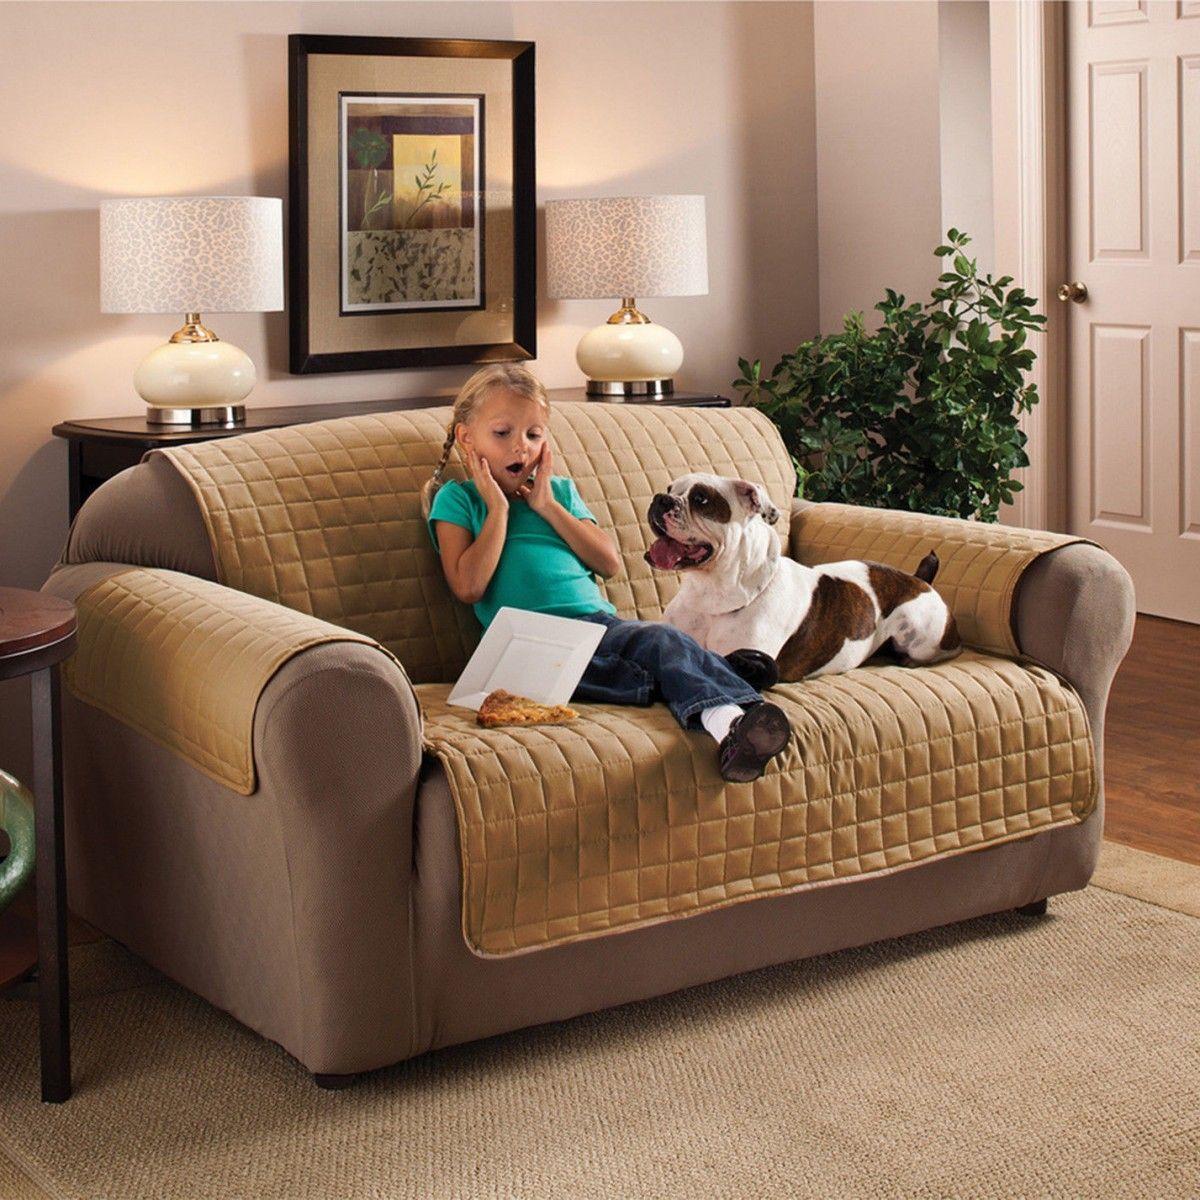 Накидка на двухместный диван Медежда Йорк, цвет: бежевый1402121203000Универсальная стеганая накидка на трехместный диван Медежда Йорк изготовлена из 100%полиэстера. Такая накидка защитит ваш диван от шерсти домашних животных, пятен, износа иосвежит его внешний вид. Кроме того, изделие украсит вашу гостиную и создаст комфорт и уют вдоме.Накидка очень удобна и проста в установке. Машинная стирка при температуре 30°С.Ширина накидки: 120 см.Чехлы на мебель Медежда универсальны и подходят на большинство моделей мебели. Таковаособенность кроя изделий свободного стиля или тянущегося материала стрейч стиля. Основноезначение при подборе имеет только ширина спинки.